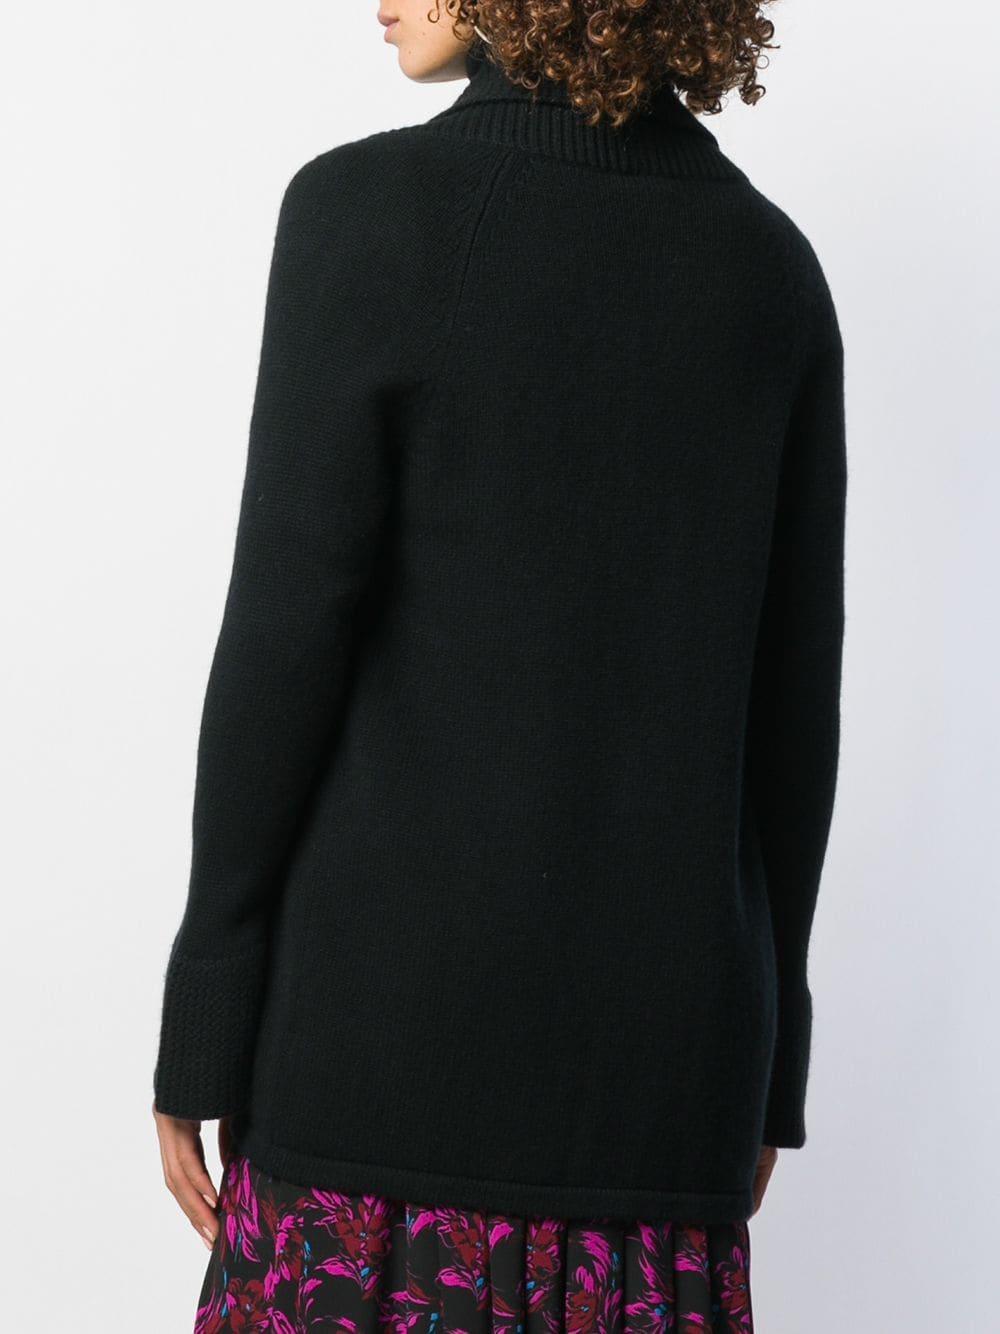 Cárdigan abierto en la parte delantera N.Peal Cashmere de Cachemir de color Negro